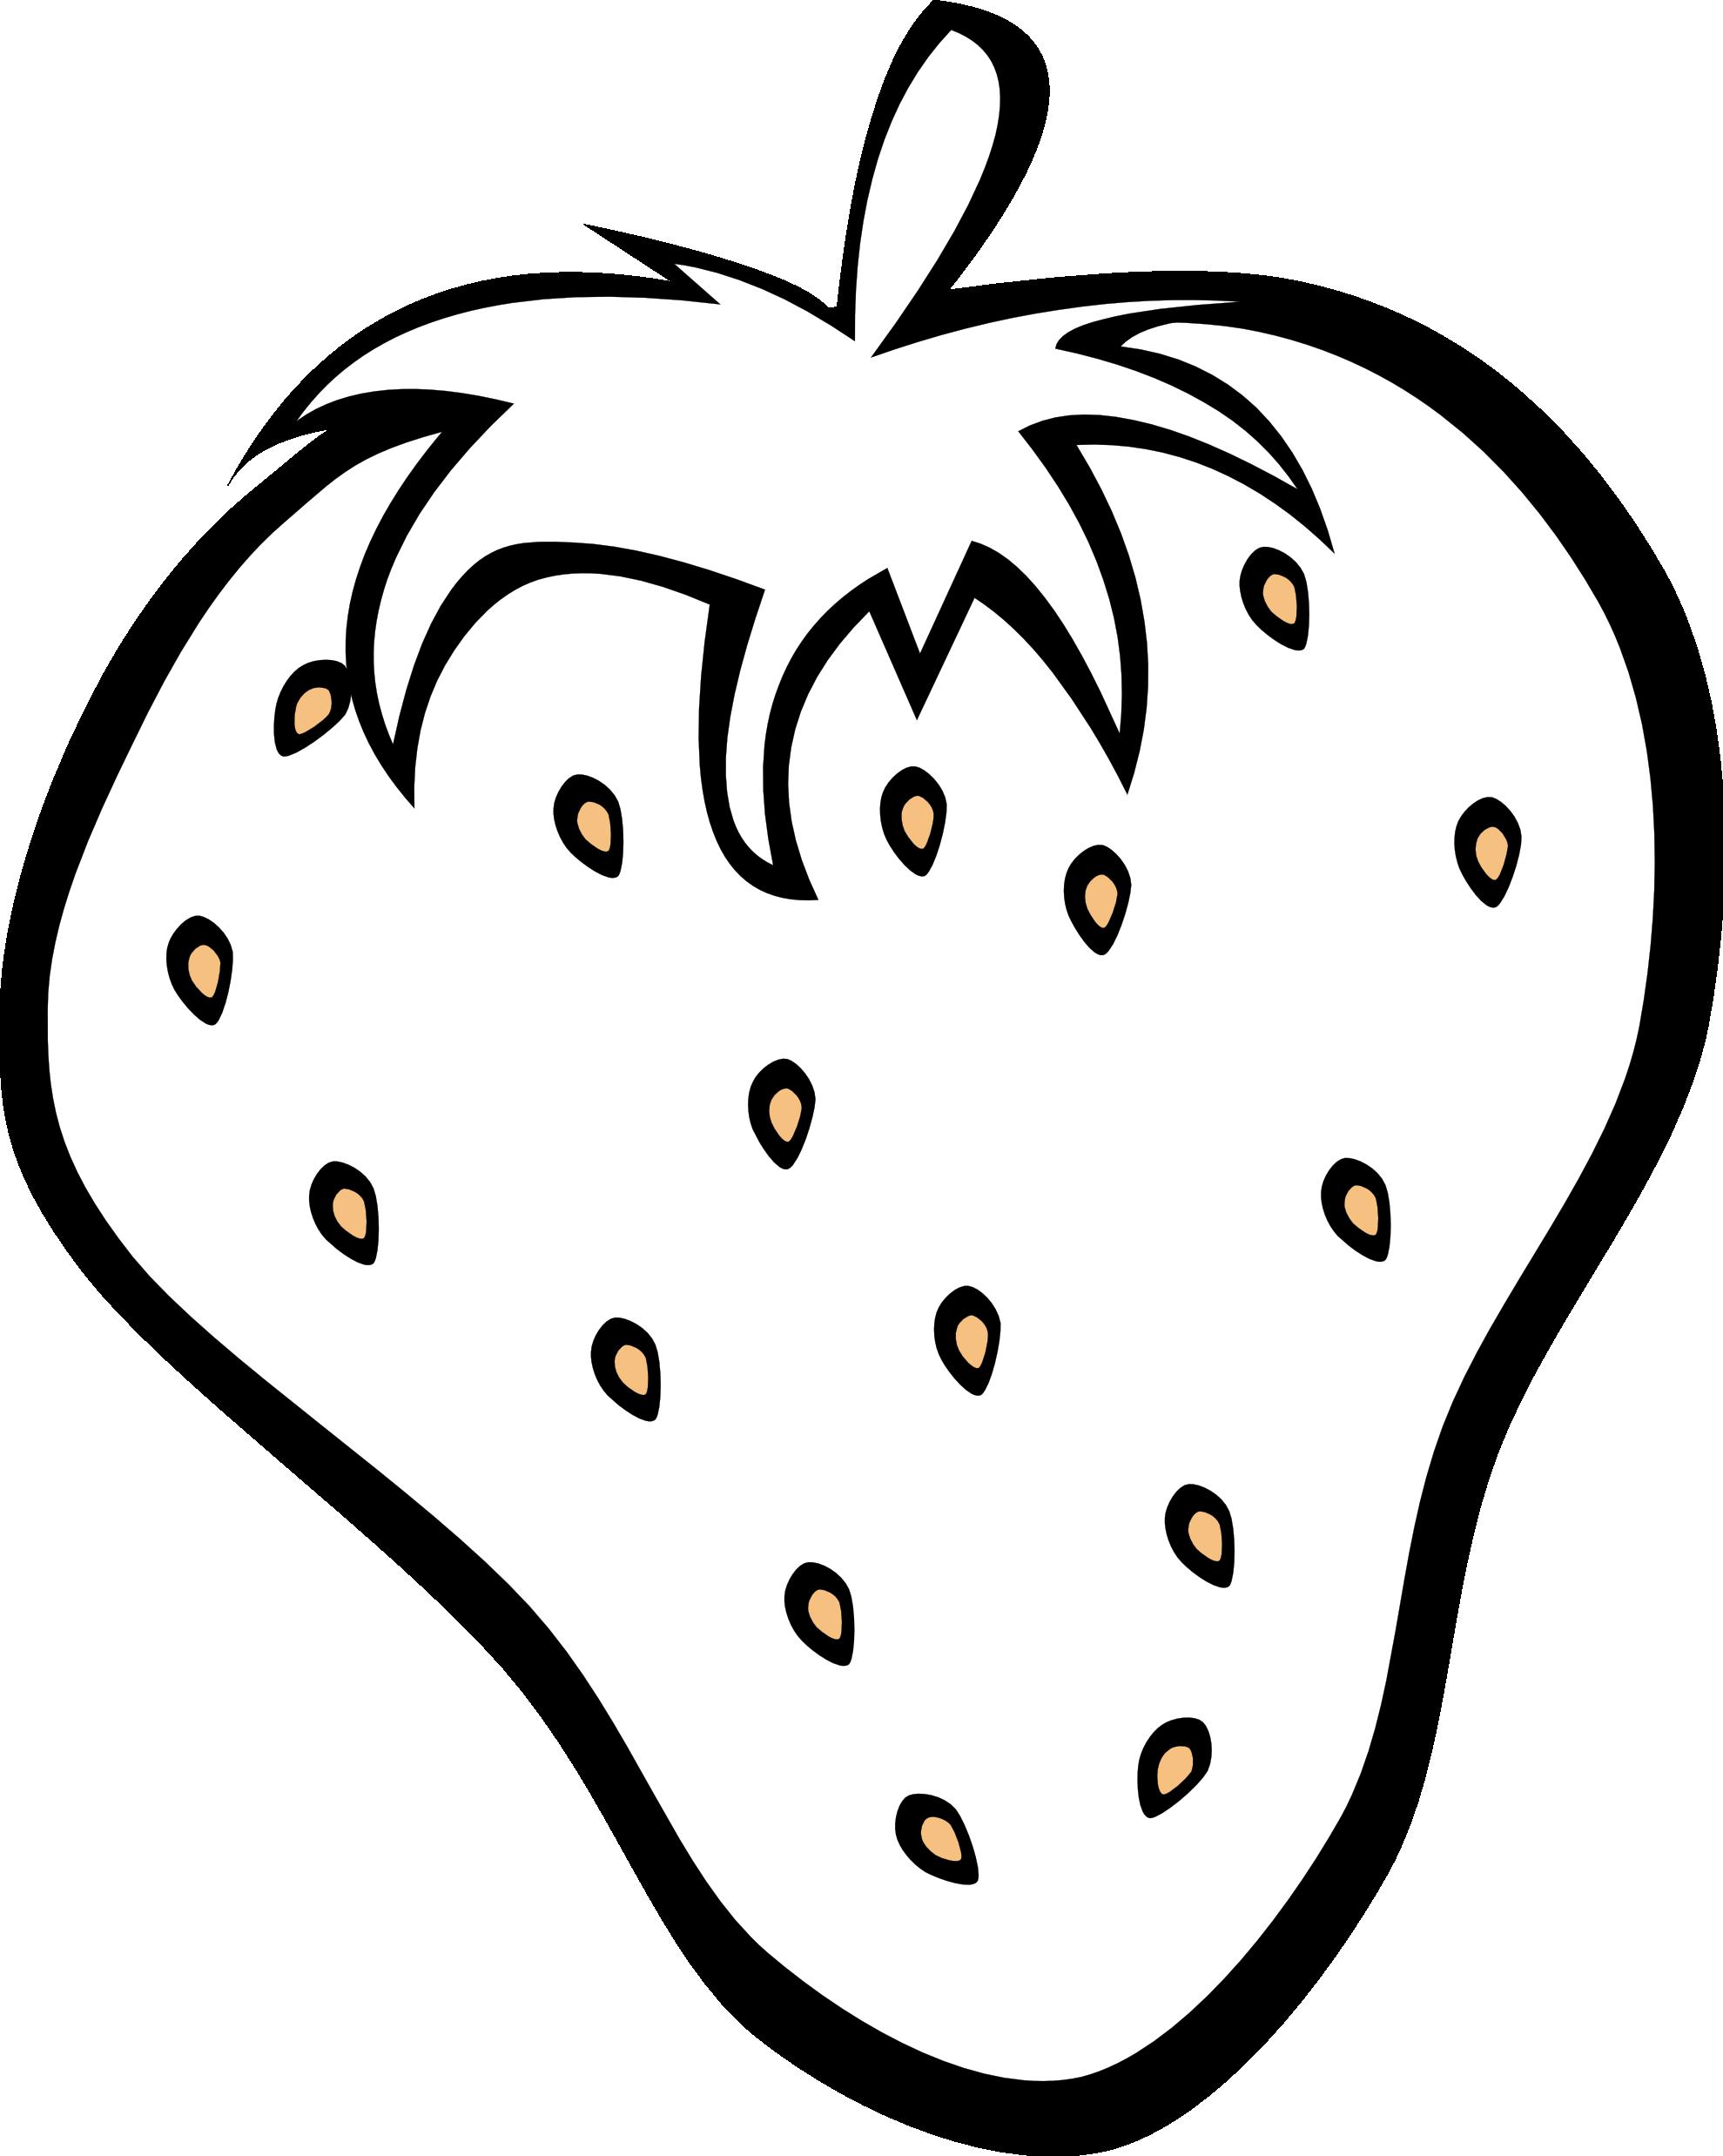 Baked apple black and white clipart jpg library library Apple Animated Clip Art. Awesome Clip Art Graphic Of A Red Apple ... jpg library library